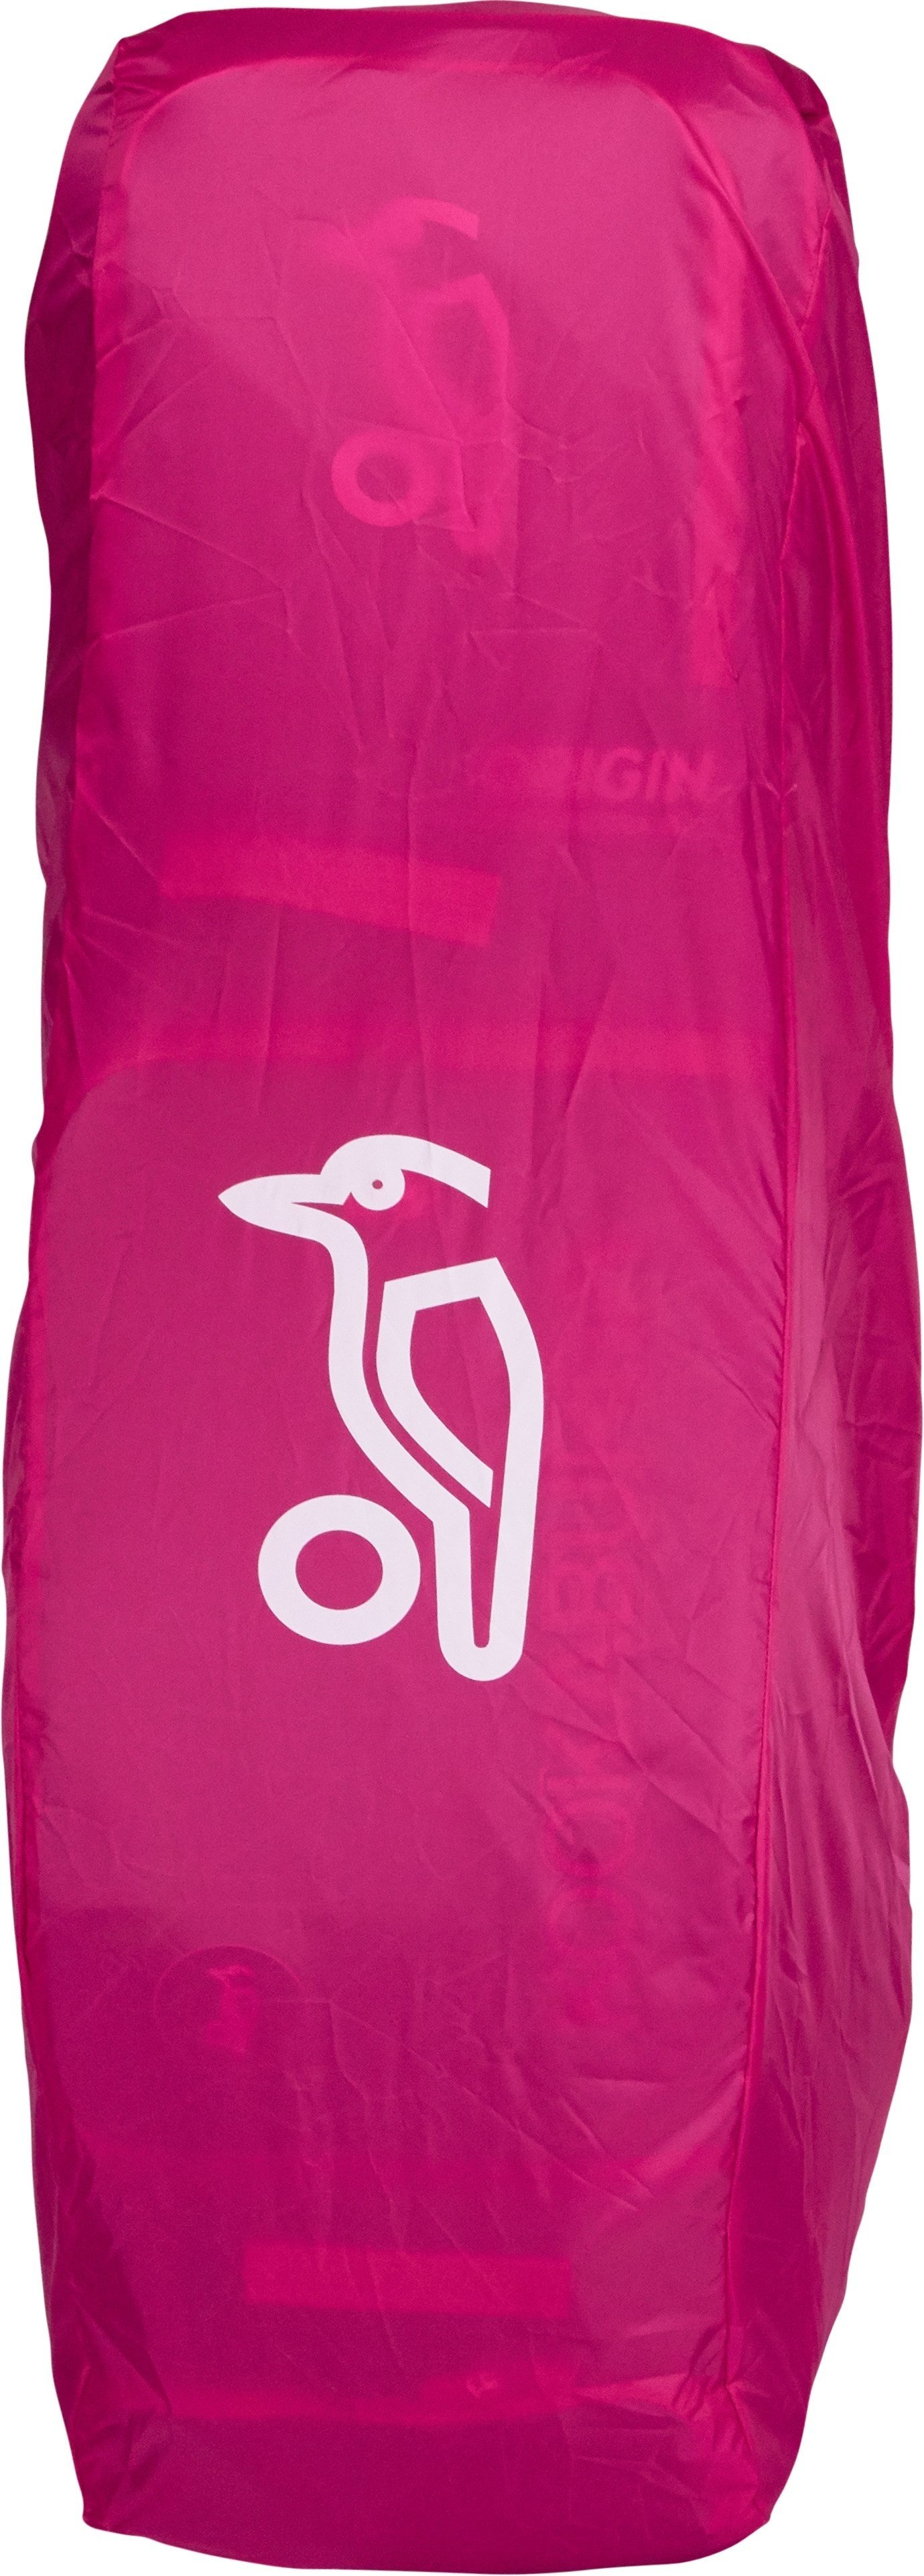 2017/18 Kookaburra Origin Hockey Bag